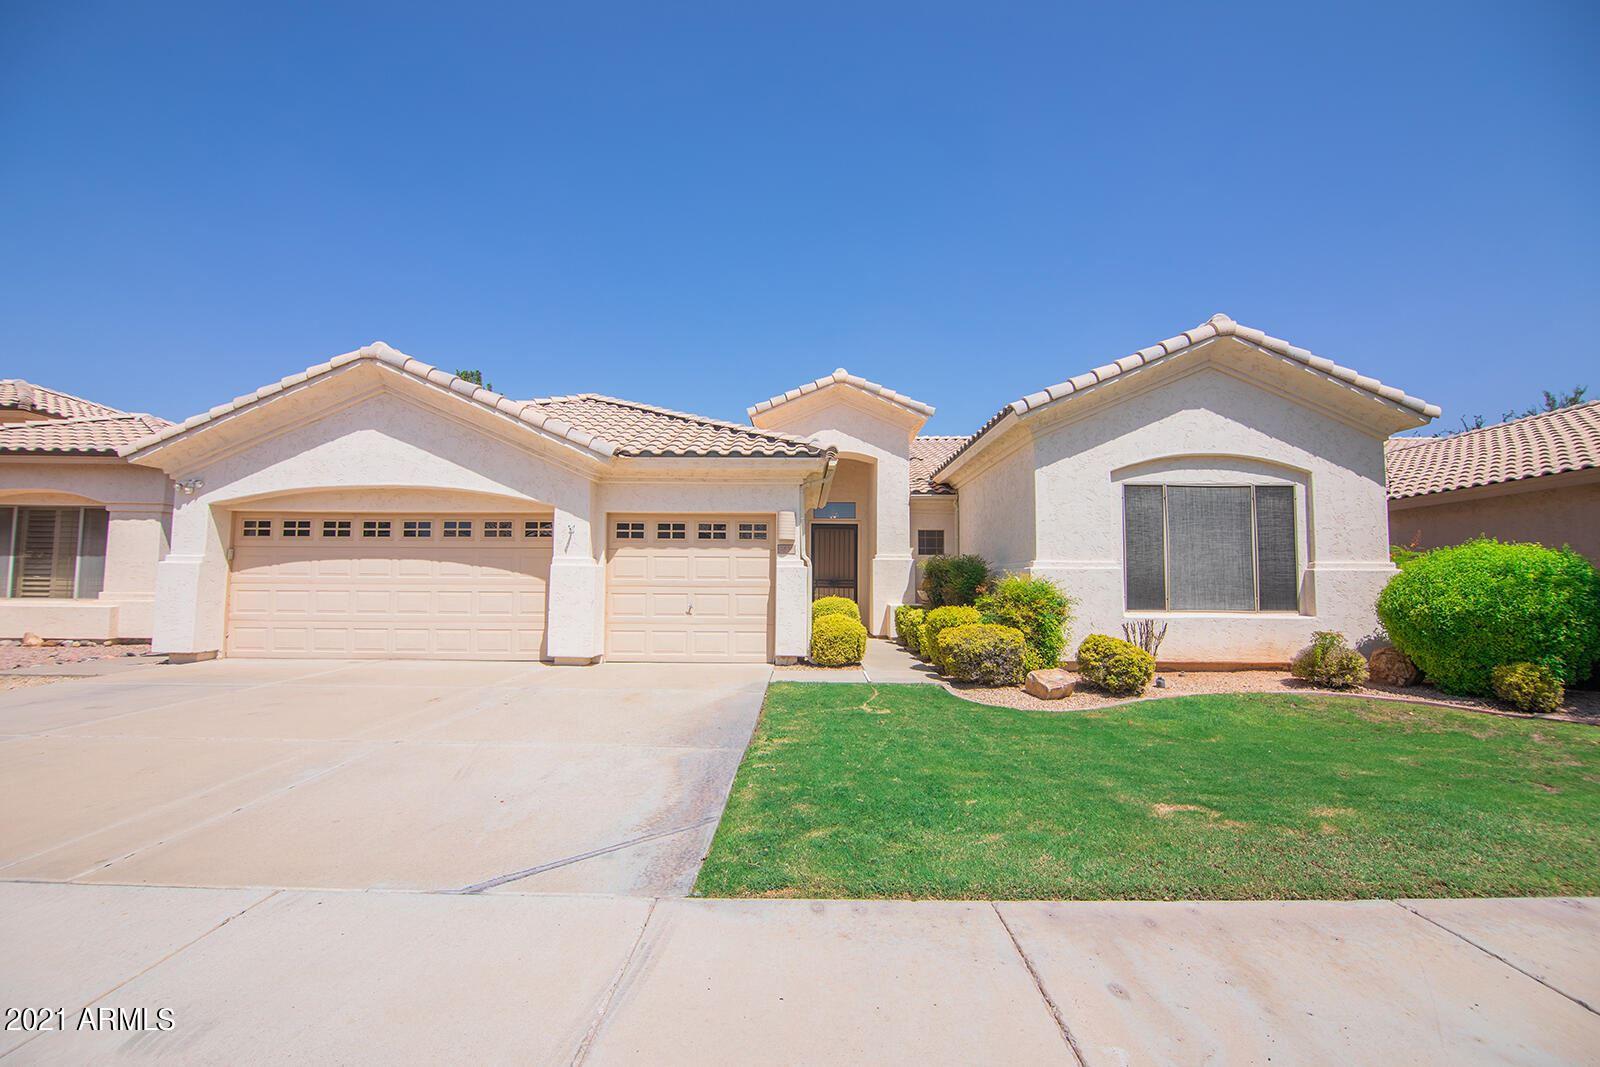 Photo of 1874 E DAVA Drive, Tempe, AZ 85283 (MLS # 6295019)